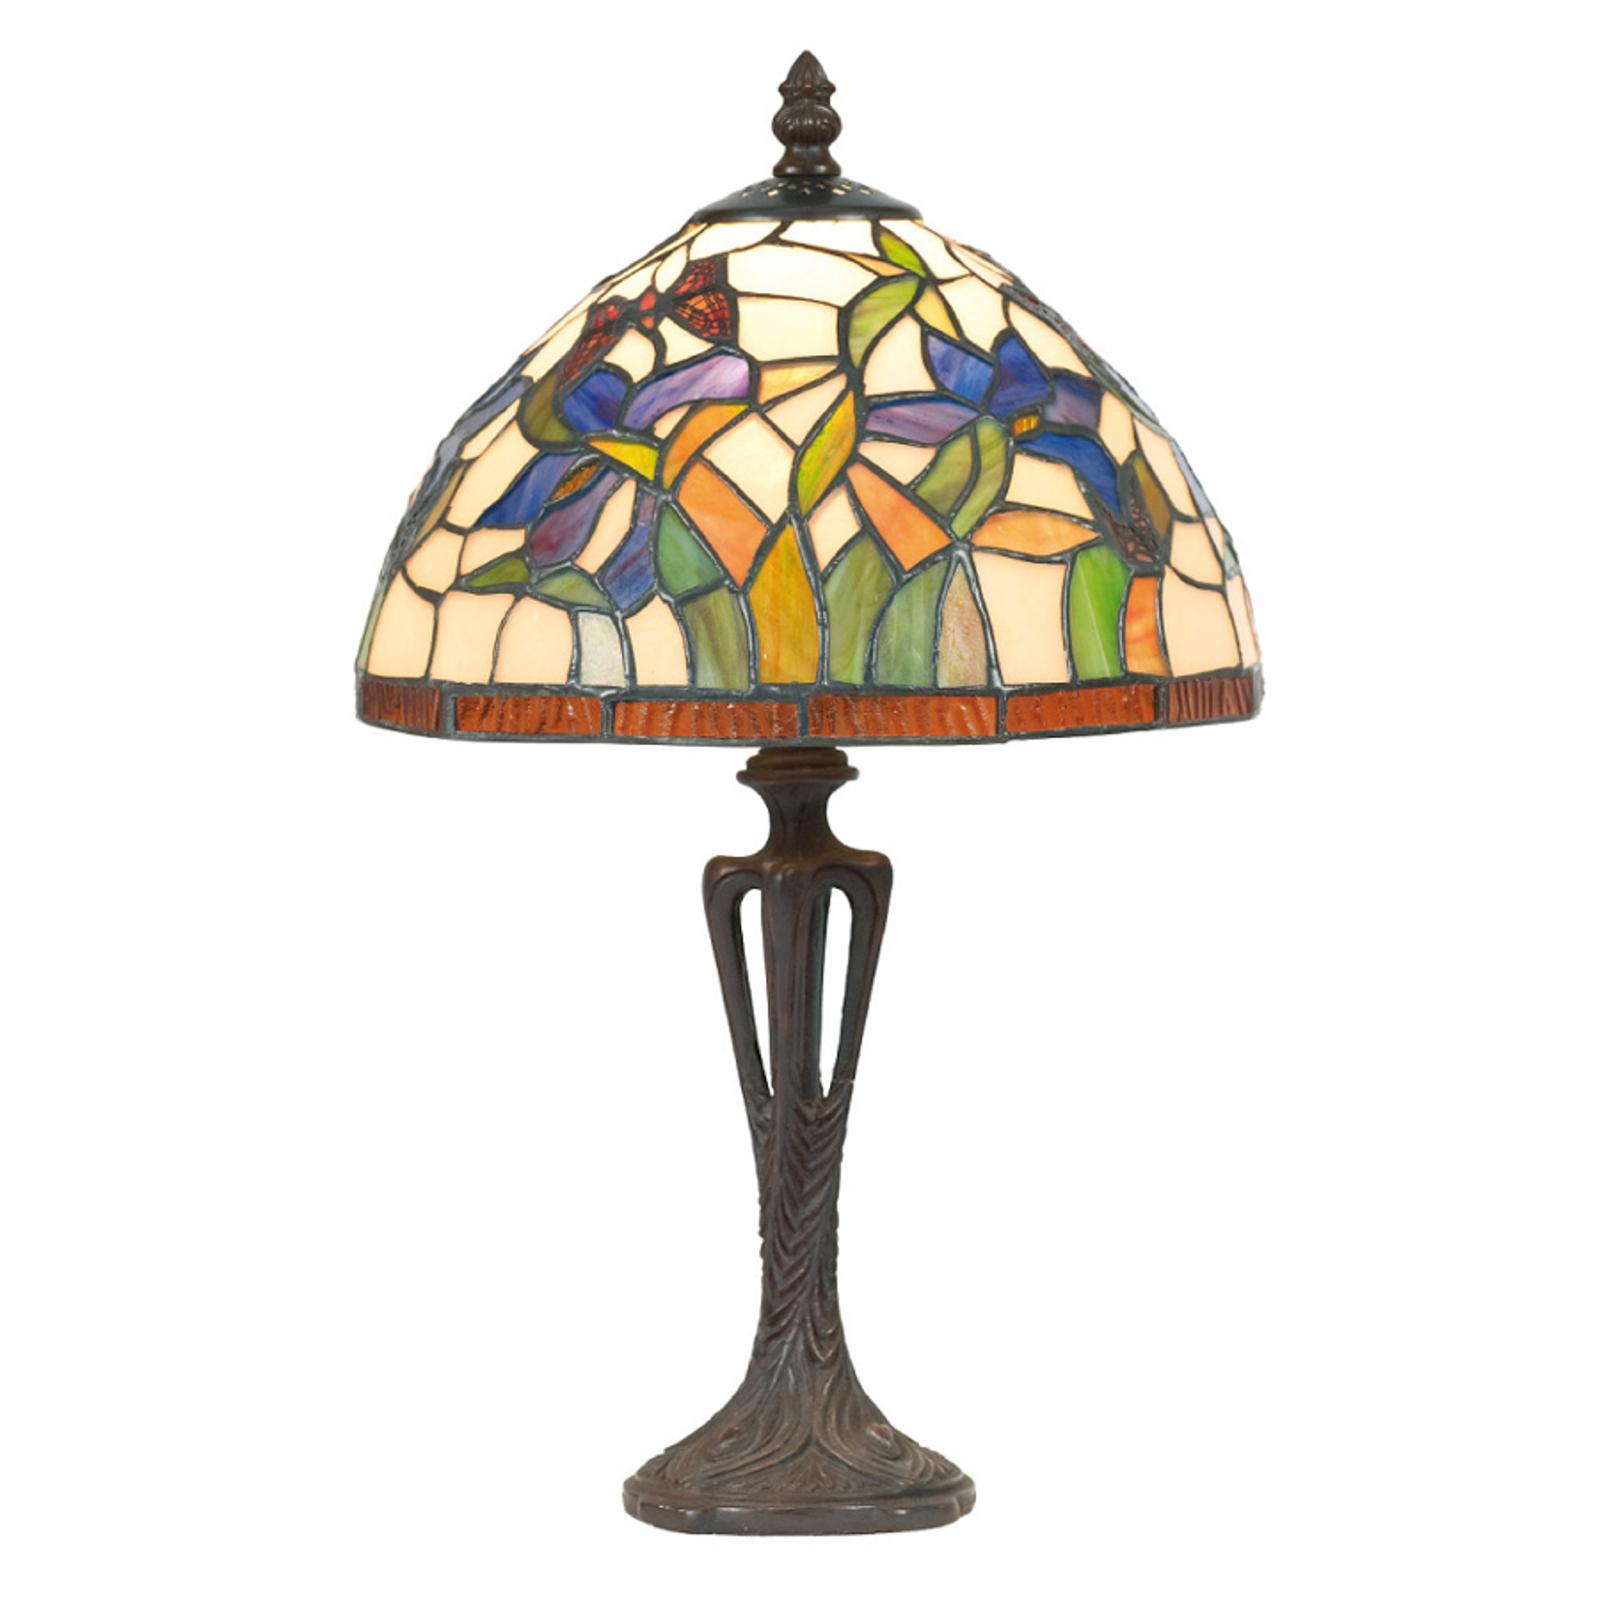 Tischleuchte Elanda im Tiffany-Stil, 40 cm